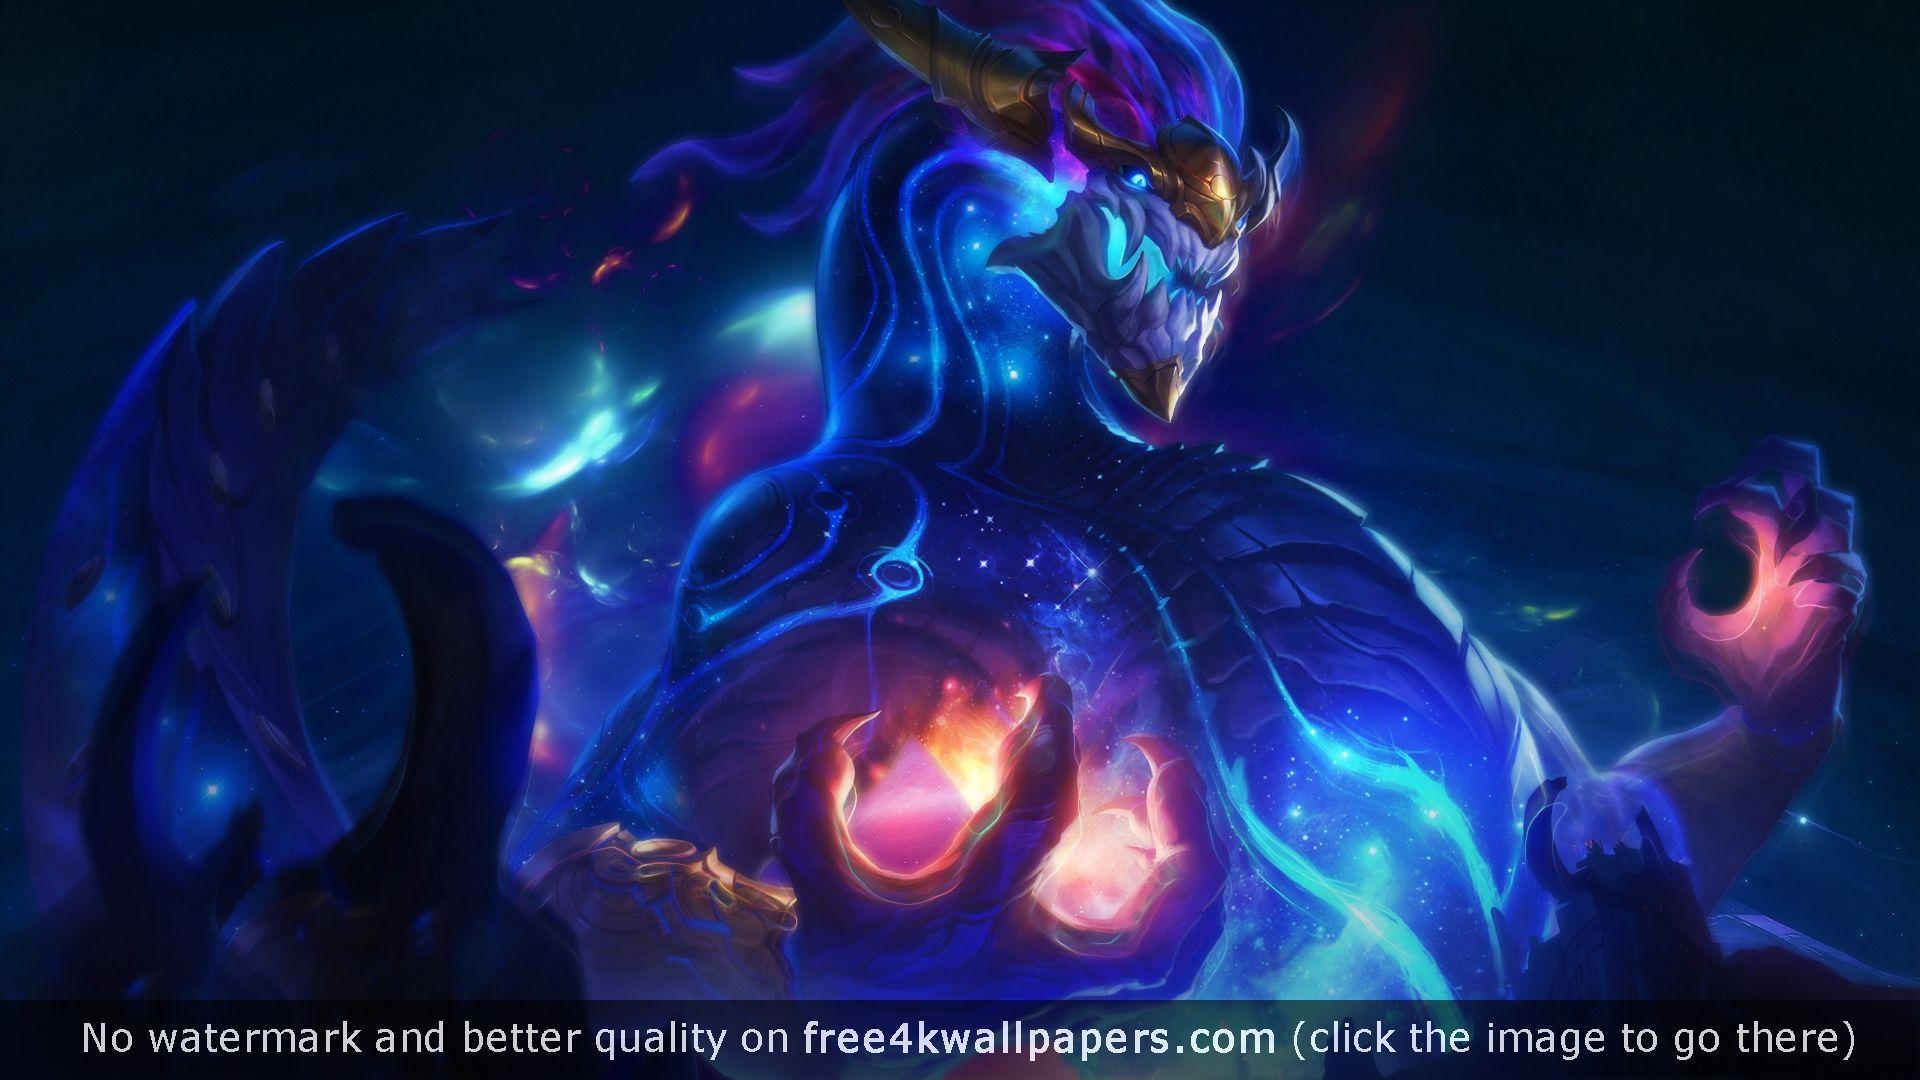 Aurelion Sol League Of Legends 4k Or Hd Wallpaper For Your Pc Mac